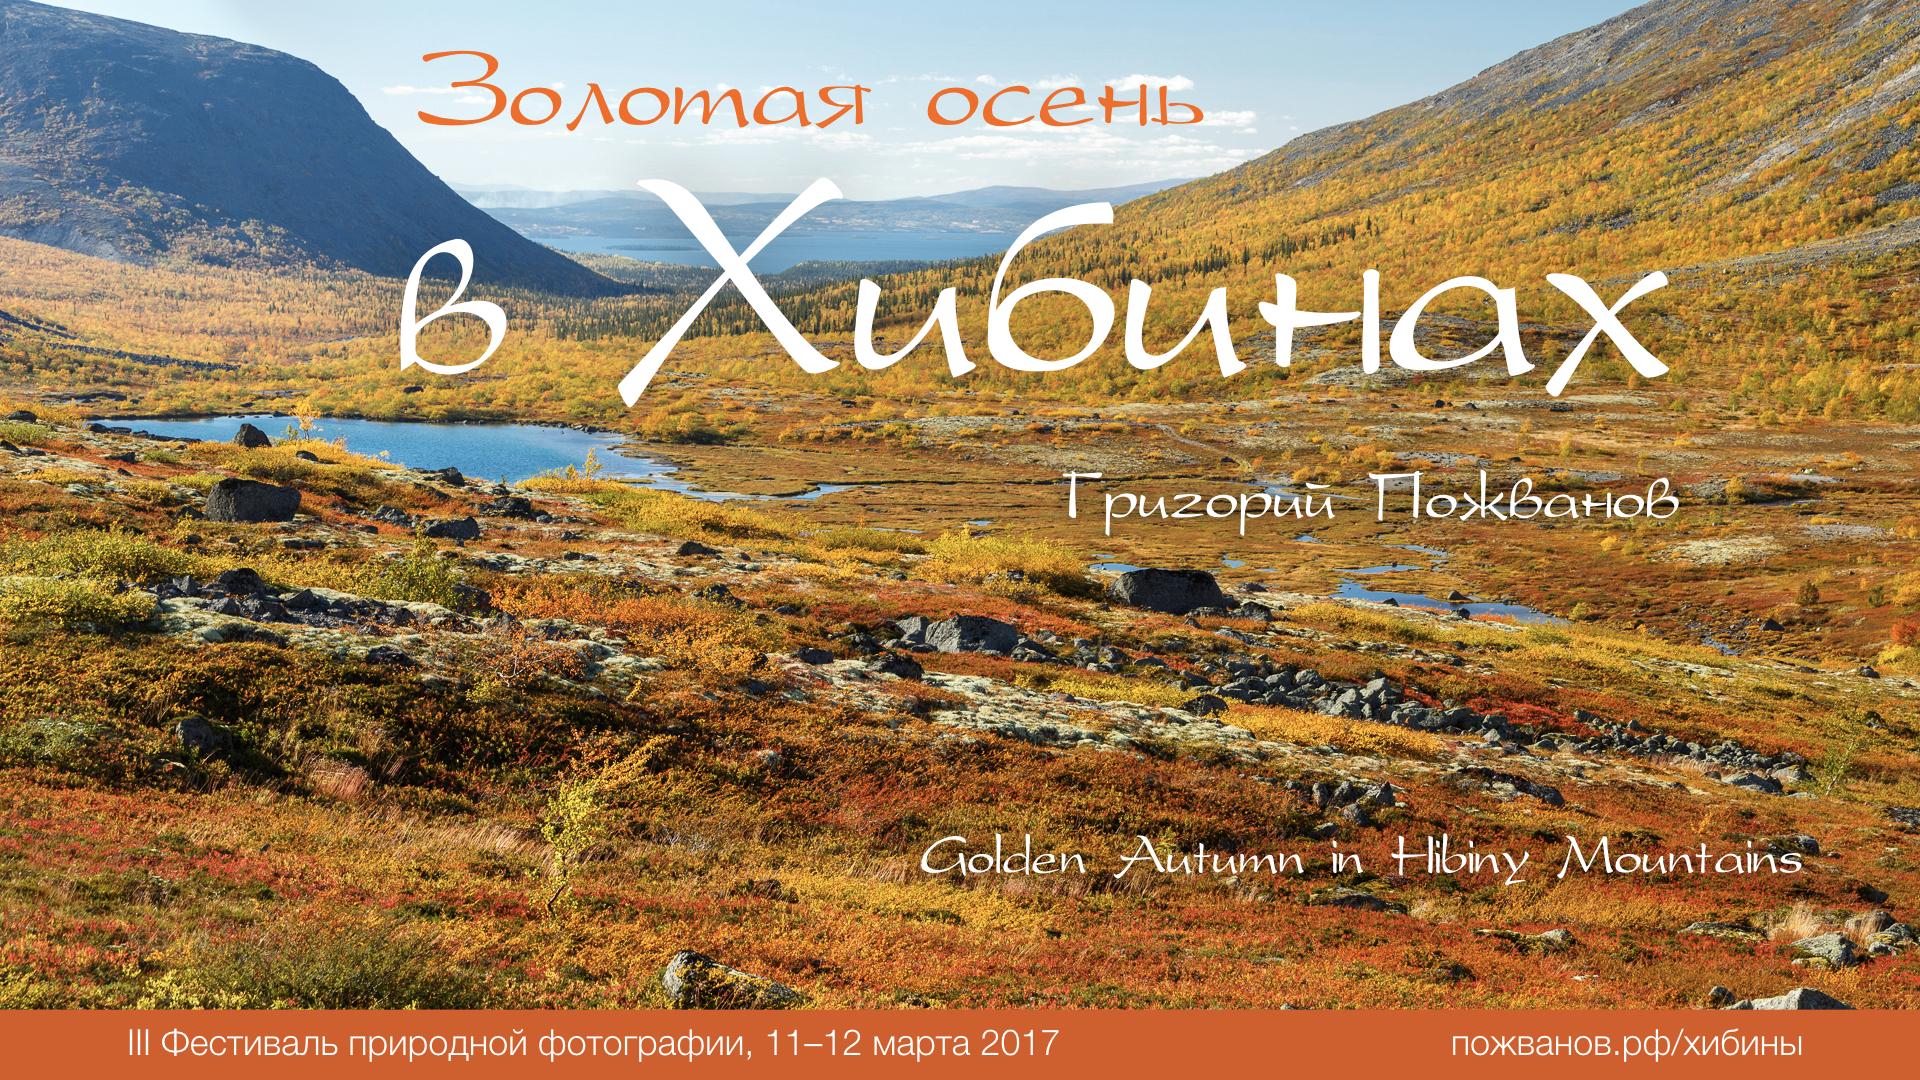 Выступления Юлии Втюриной и Григория Пожванова на III Фестивале природной фотографии в РГО, Санкт-Петербург